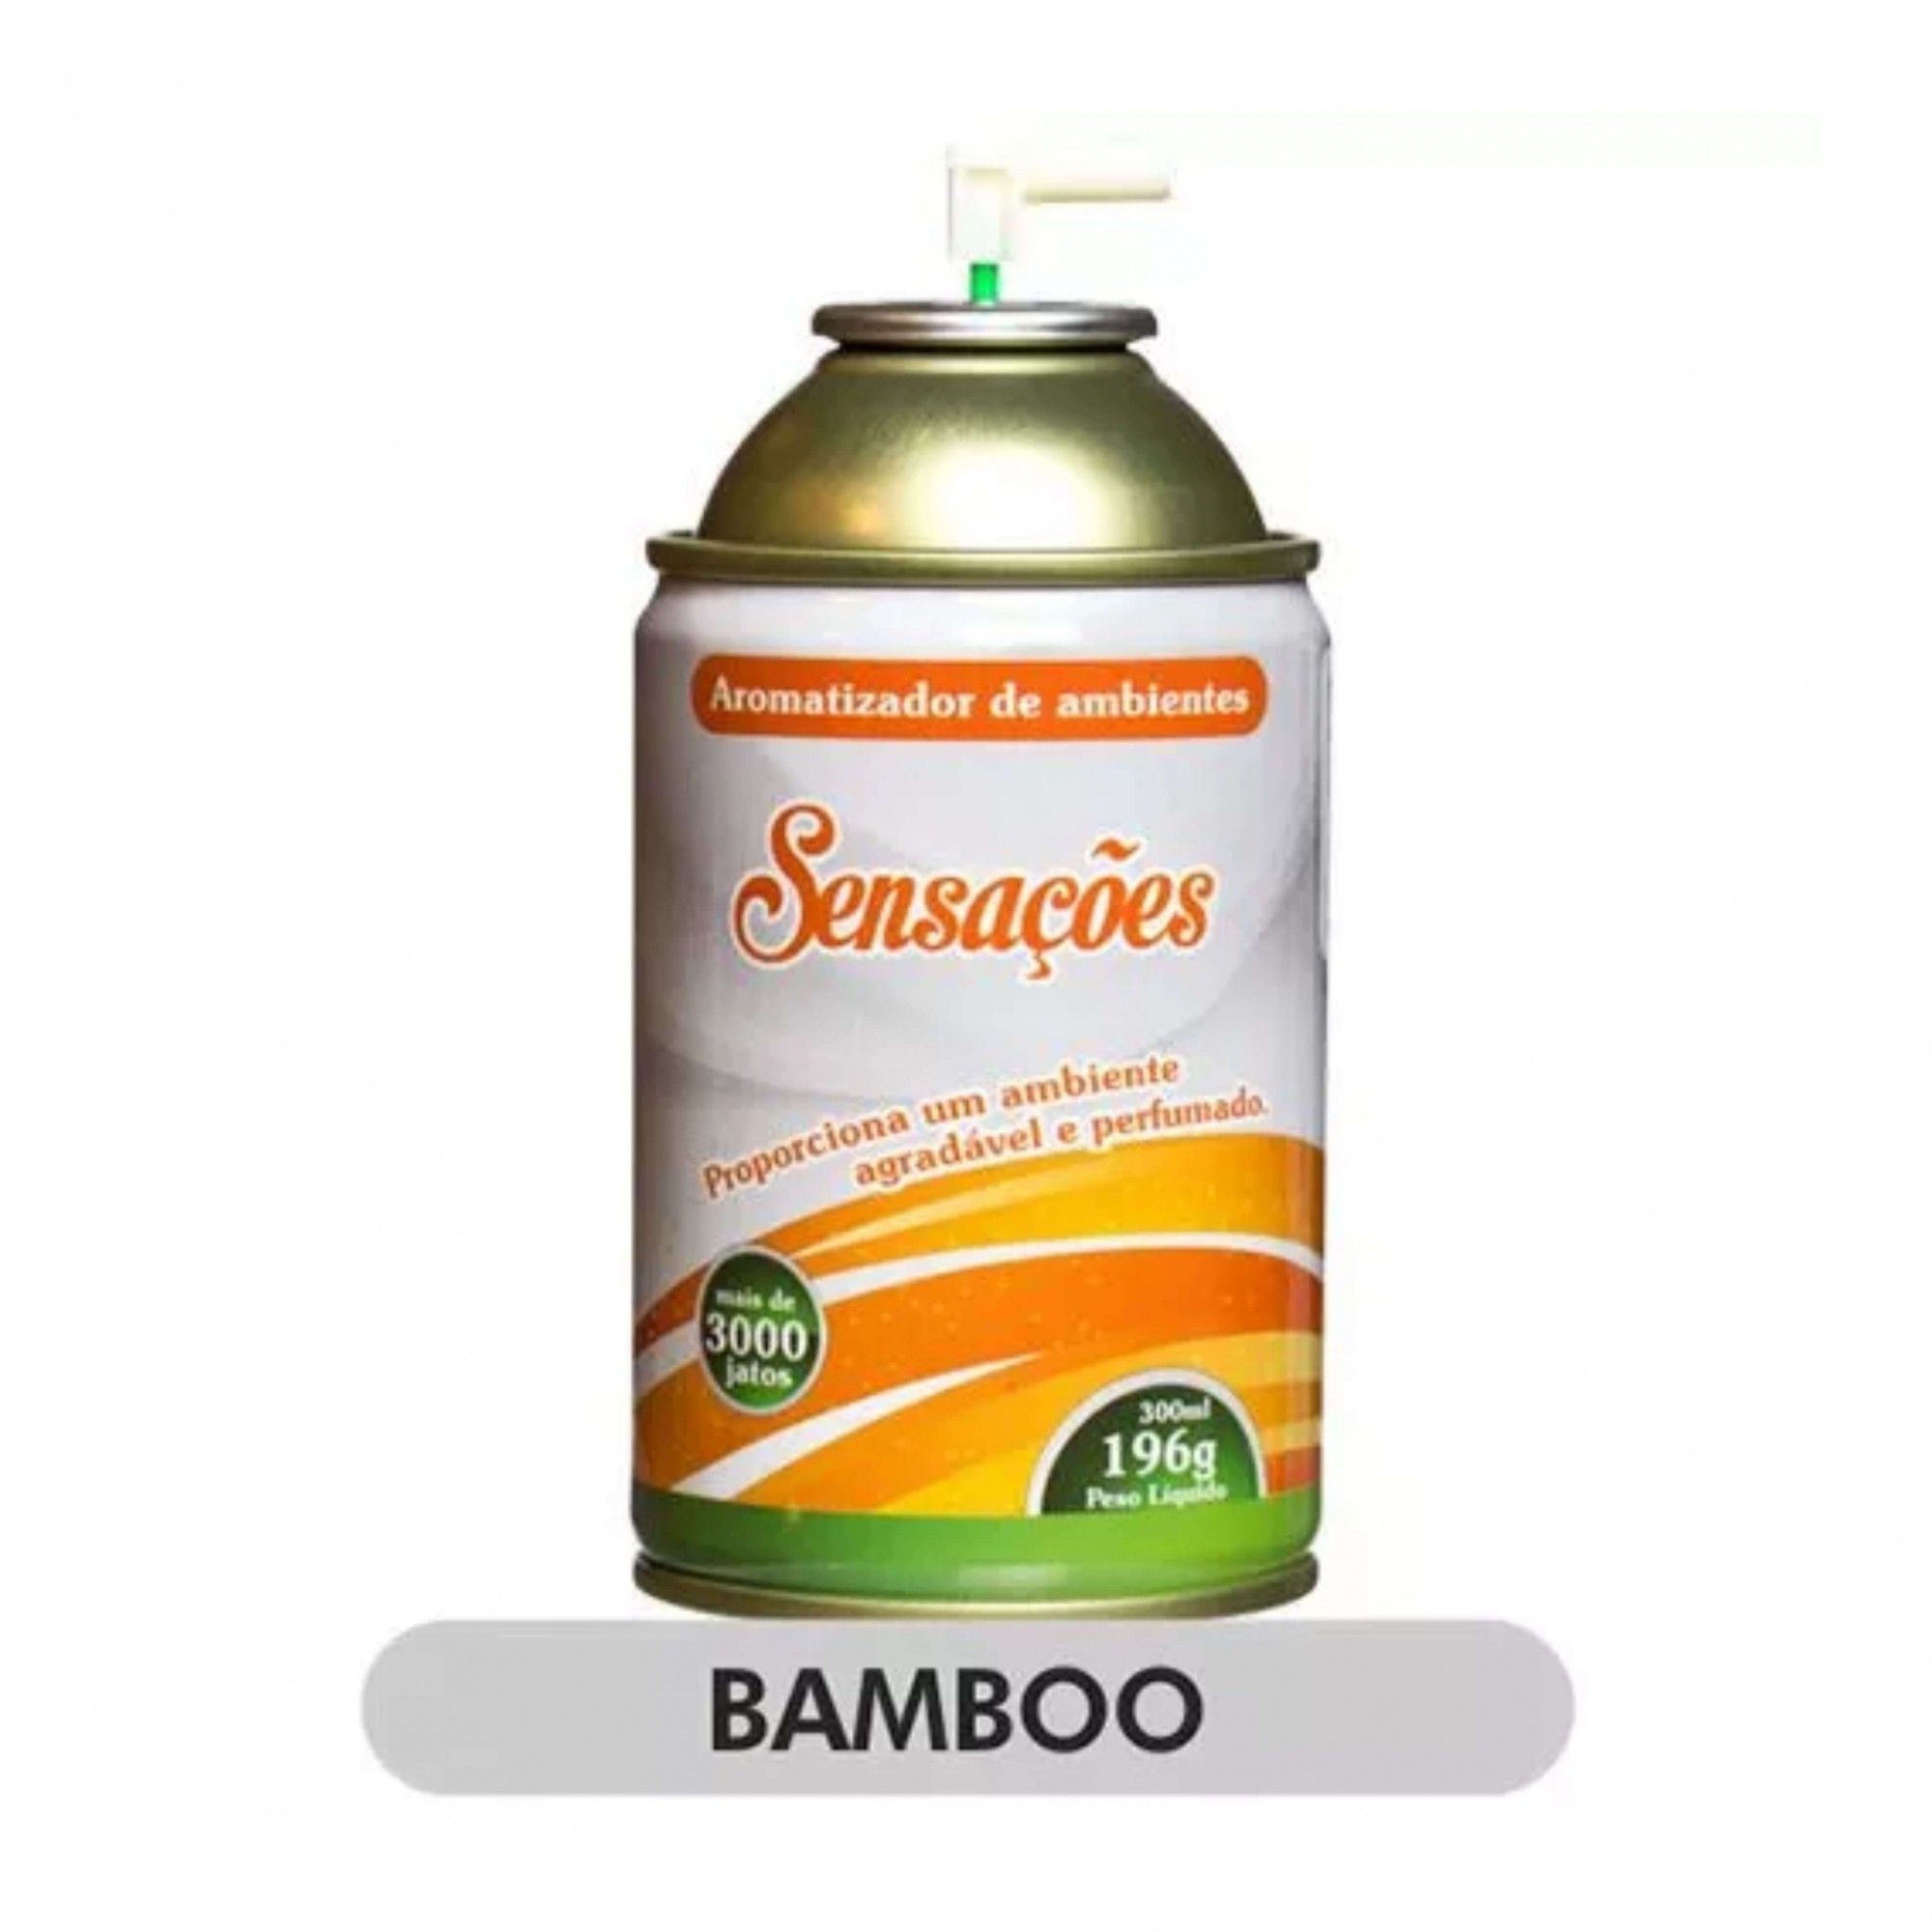 Aromatizador de Ambientes Sensacoes Bamboo 300ml